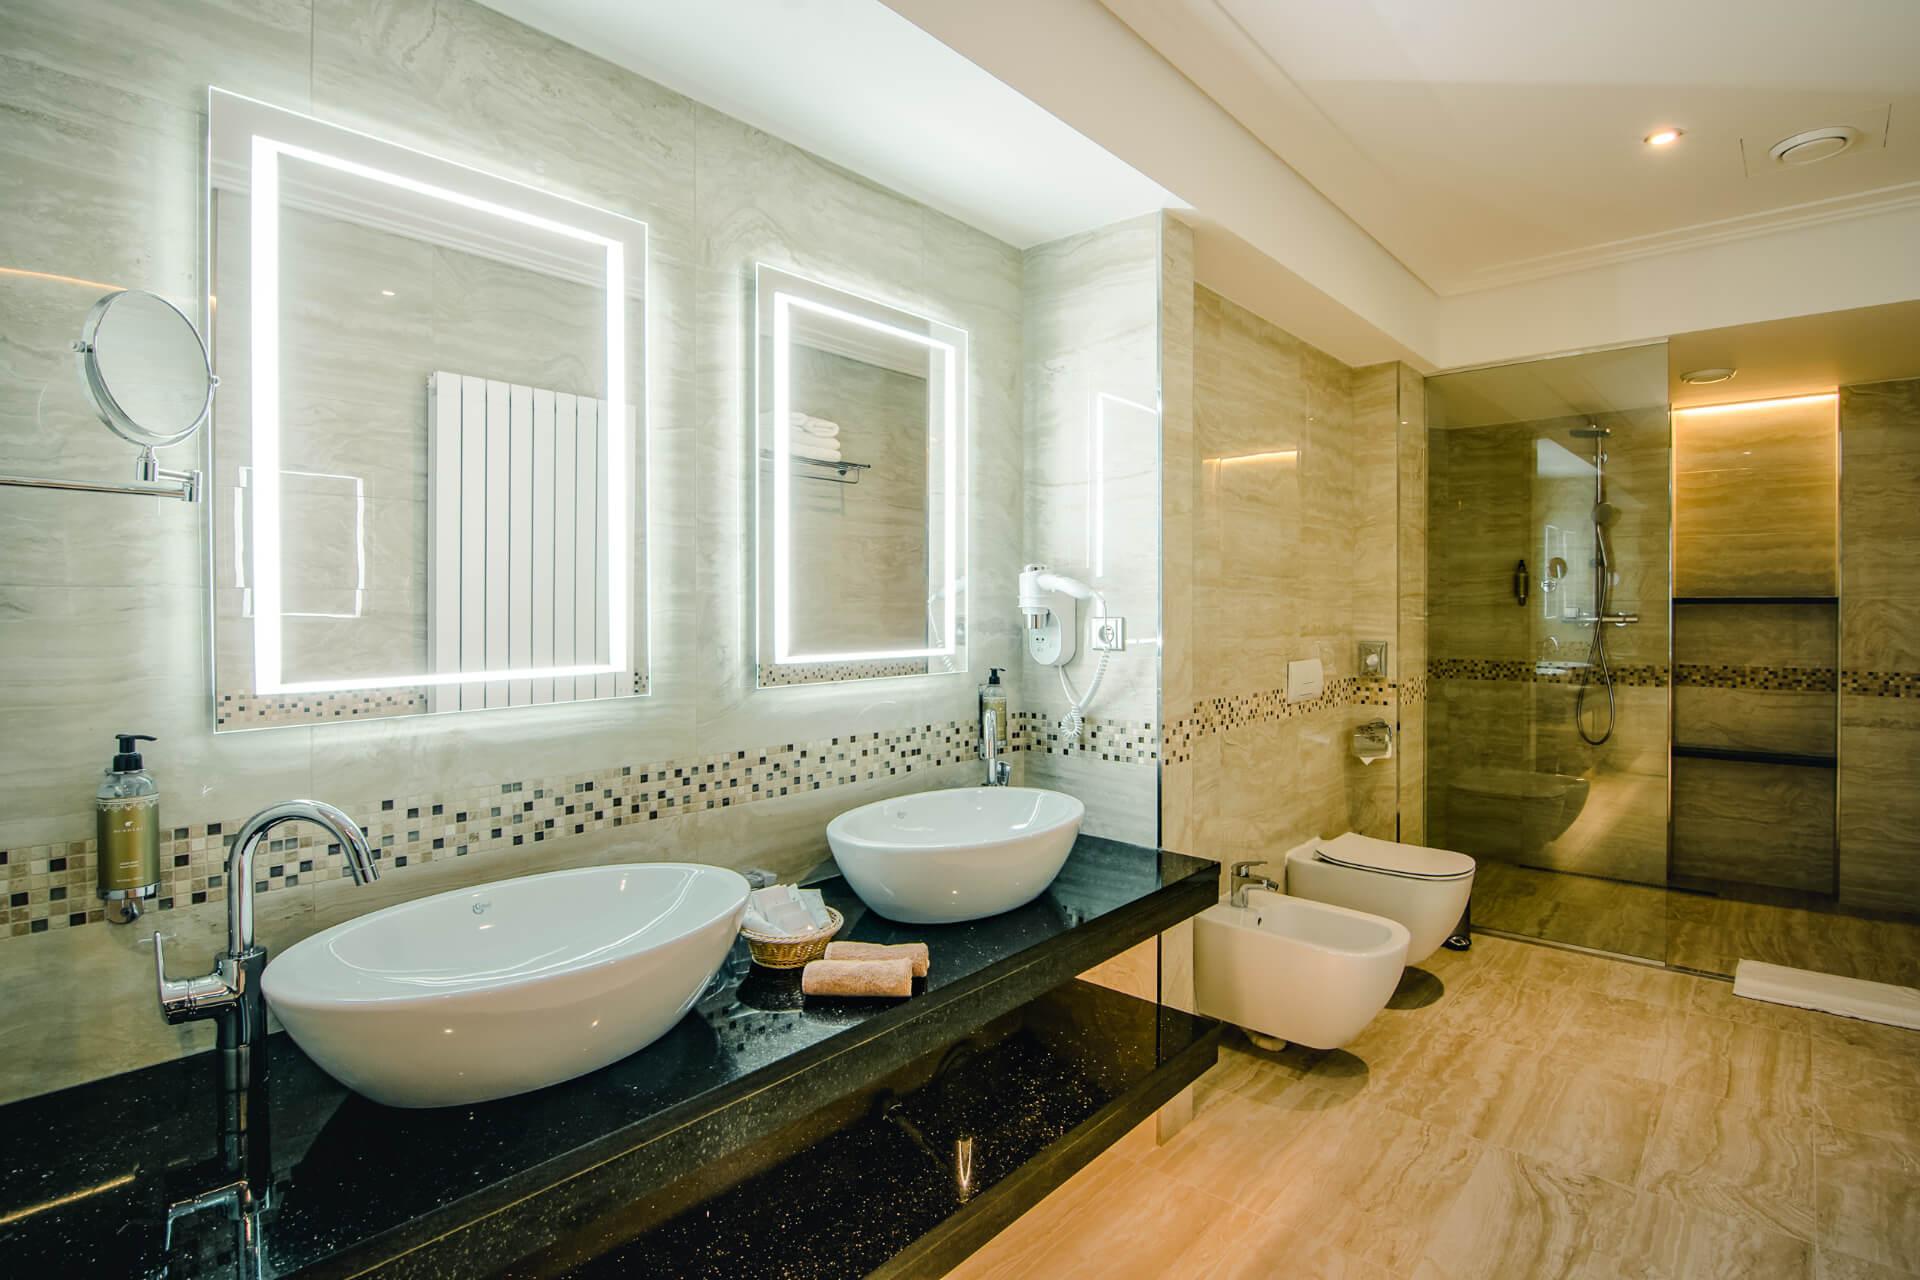 Ubytovanie v resorte Kaskady - kúpeľňa